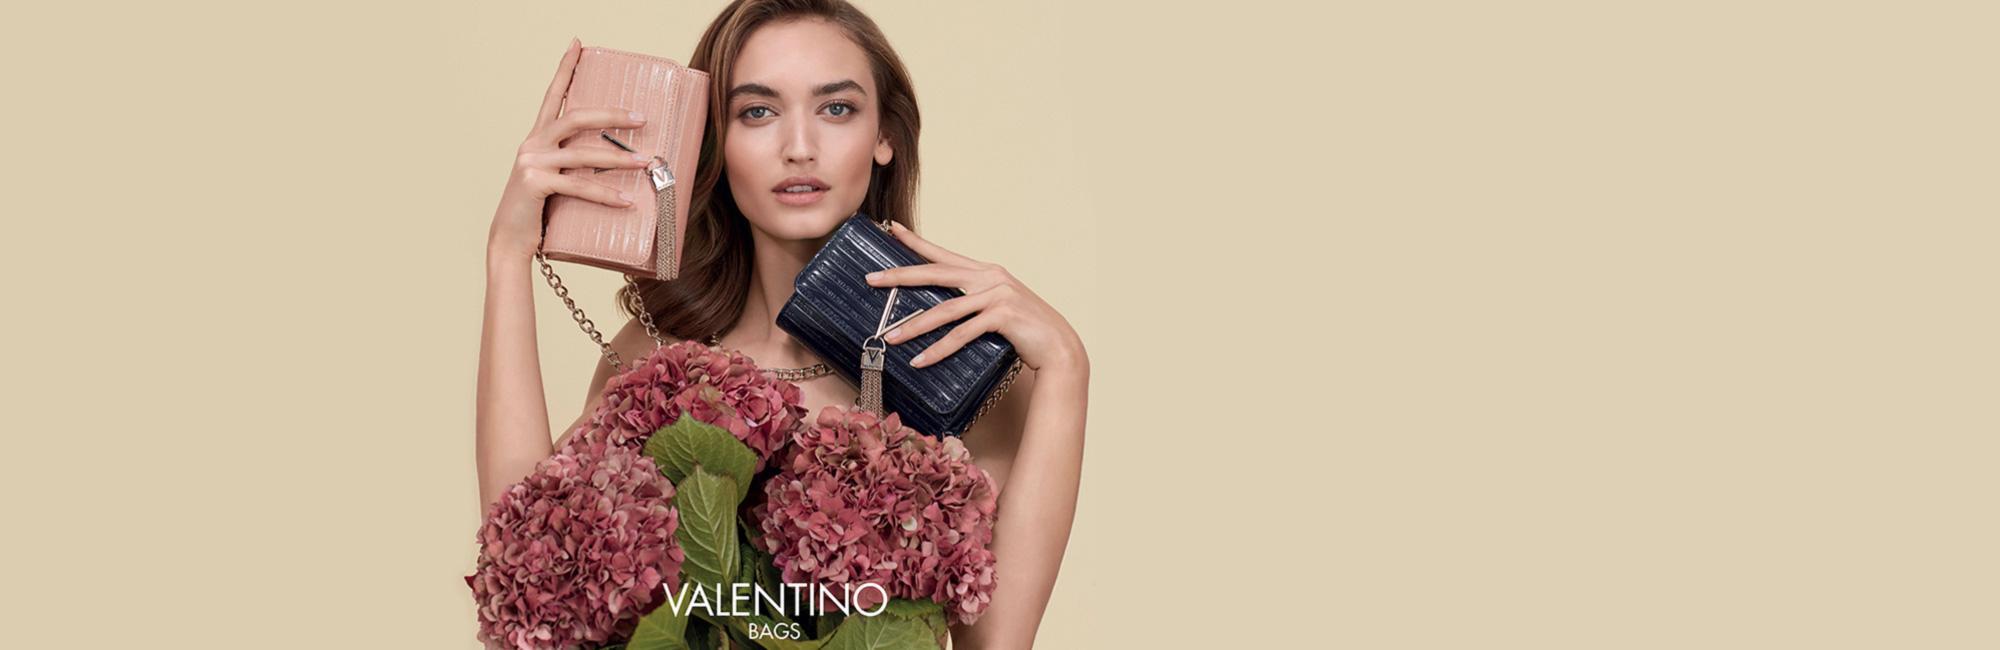 aaf0e011fe3a9 Buy Valentino by Mario Valentino handbags online | wardow.com